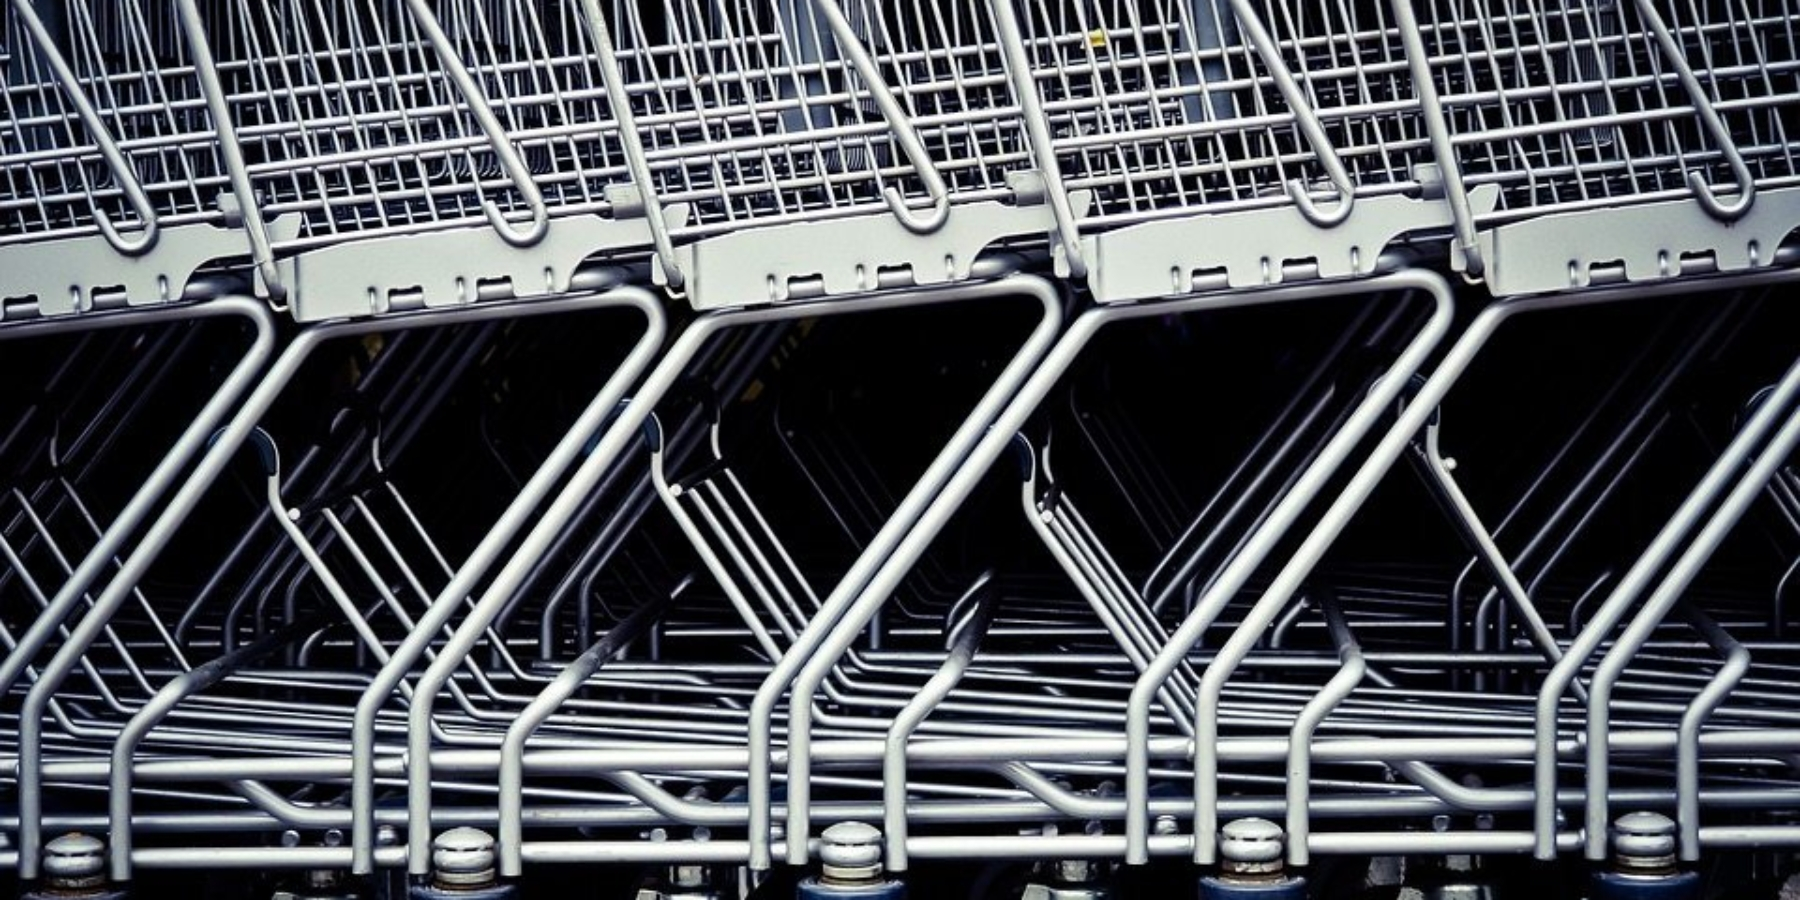 Jak zwiększyć sprzedaż naallegro? Poradnik dla początkujących izaawansowanych